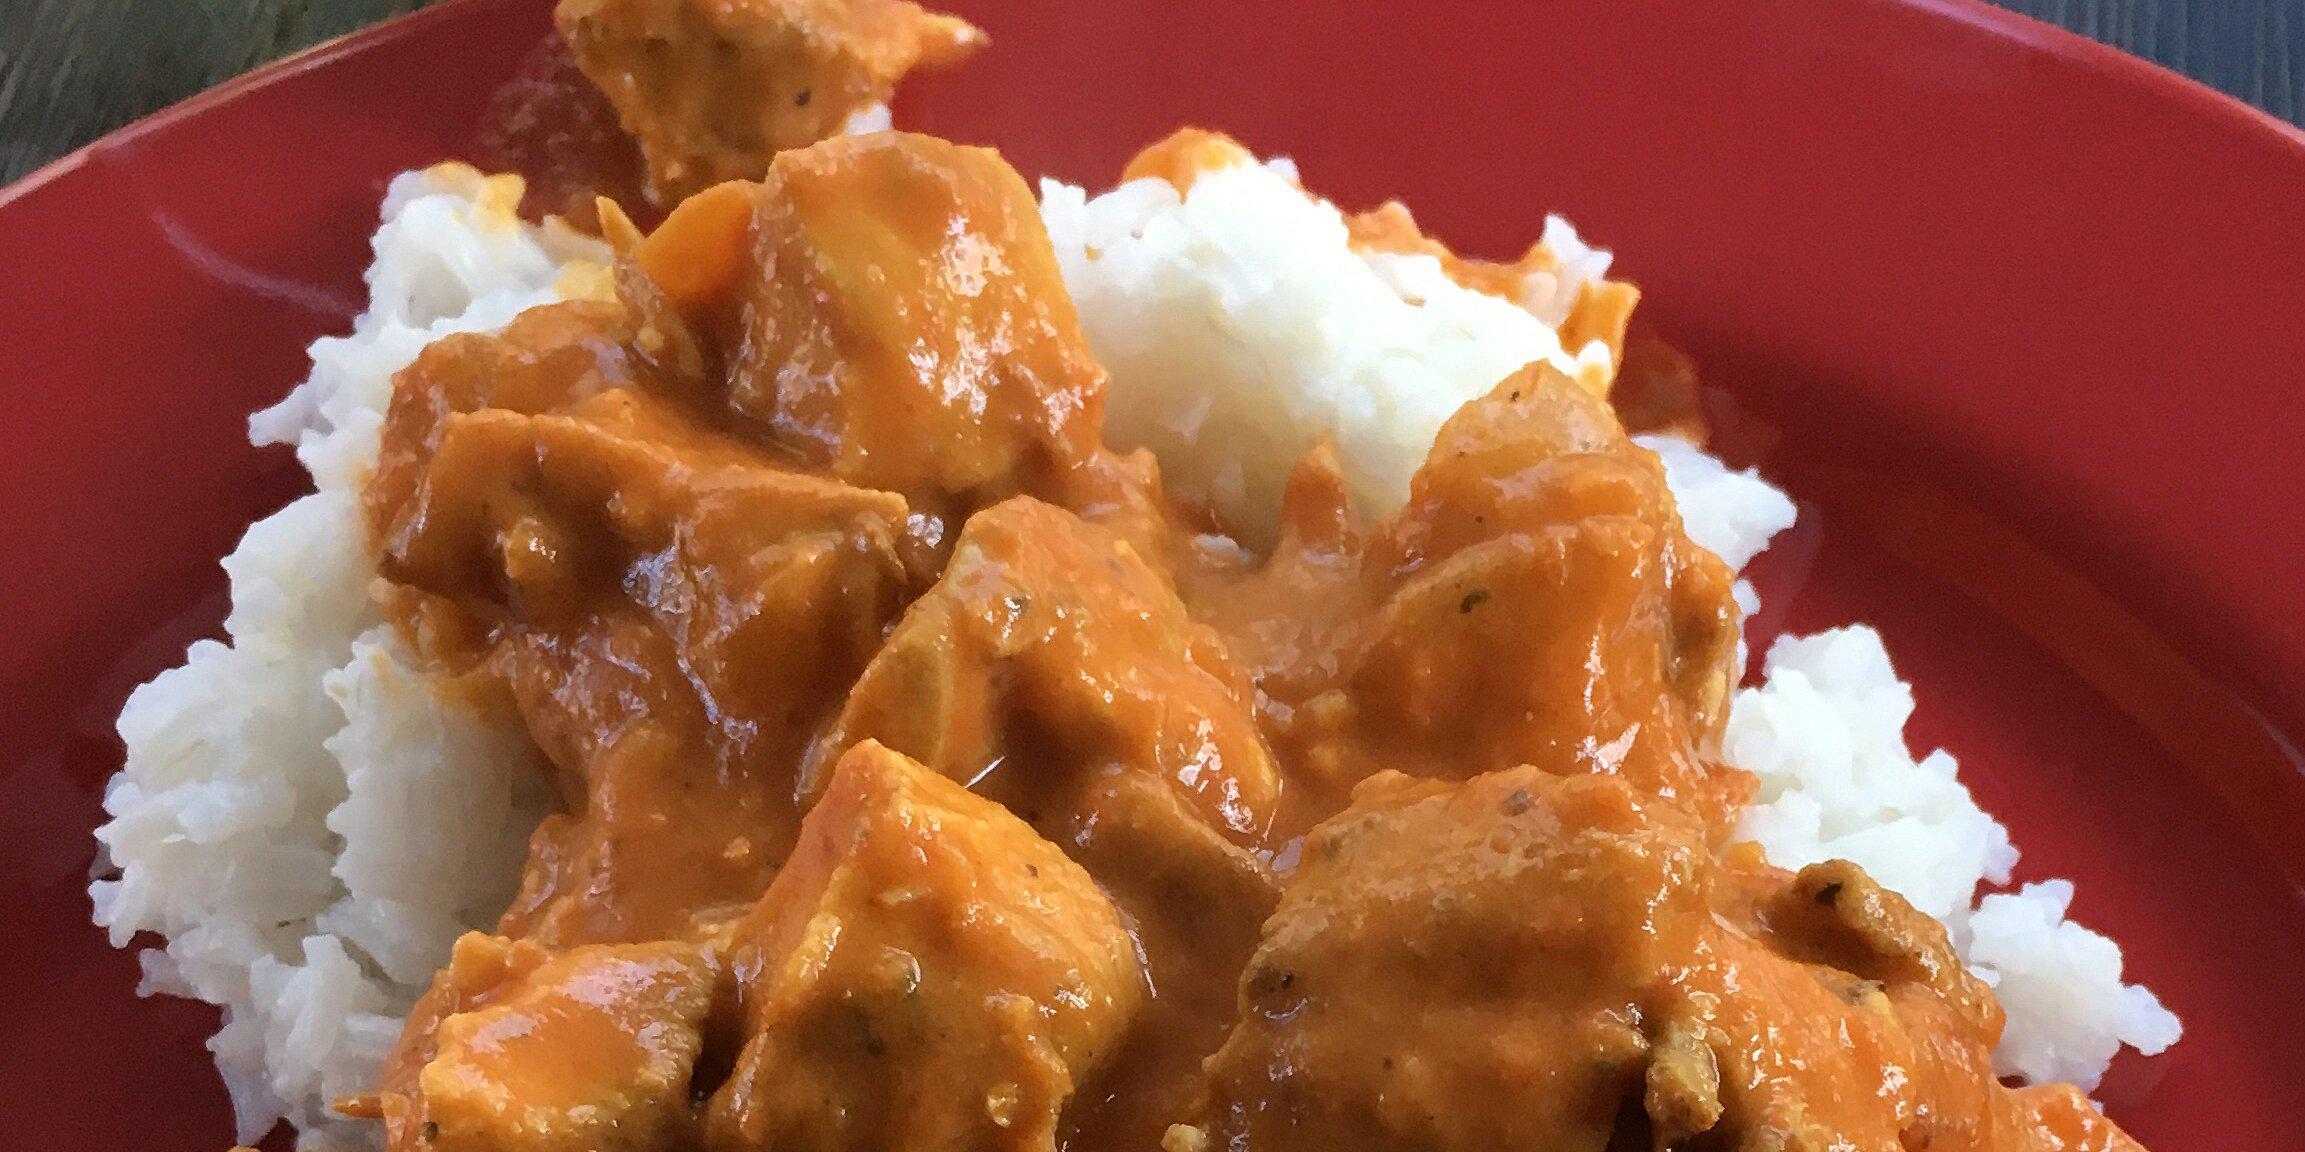 chef johns chicken tikka masala recipe